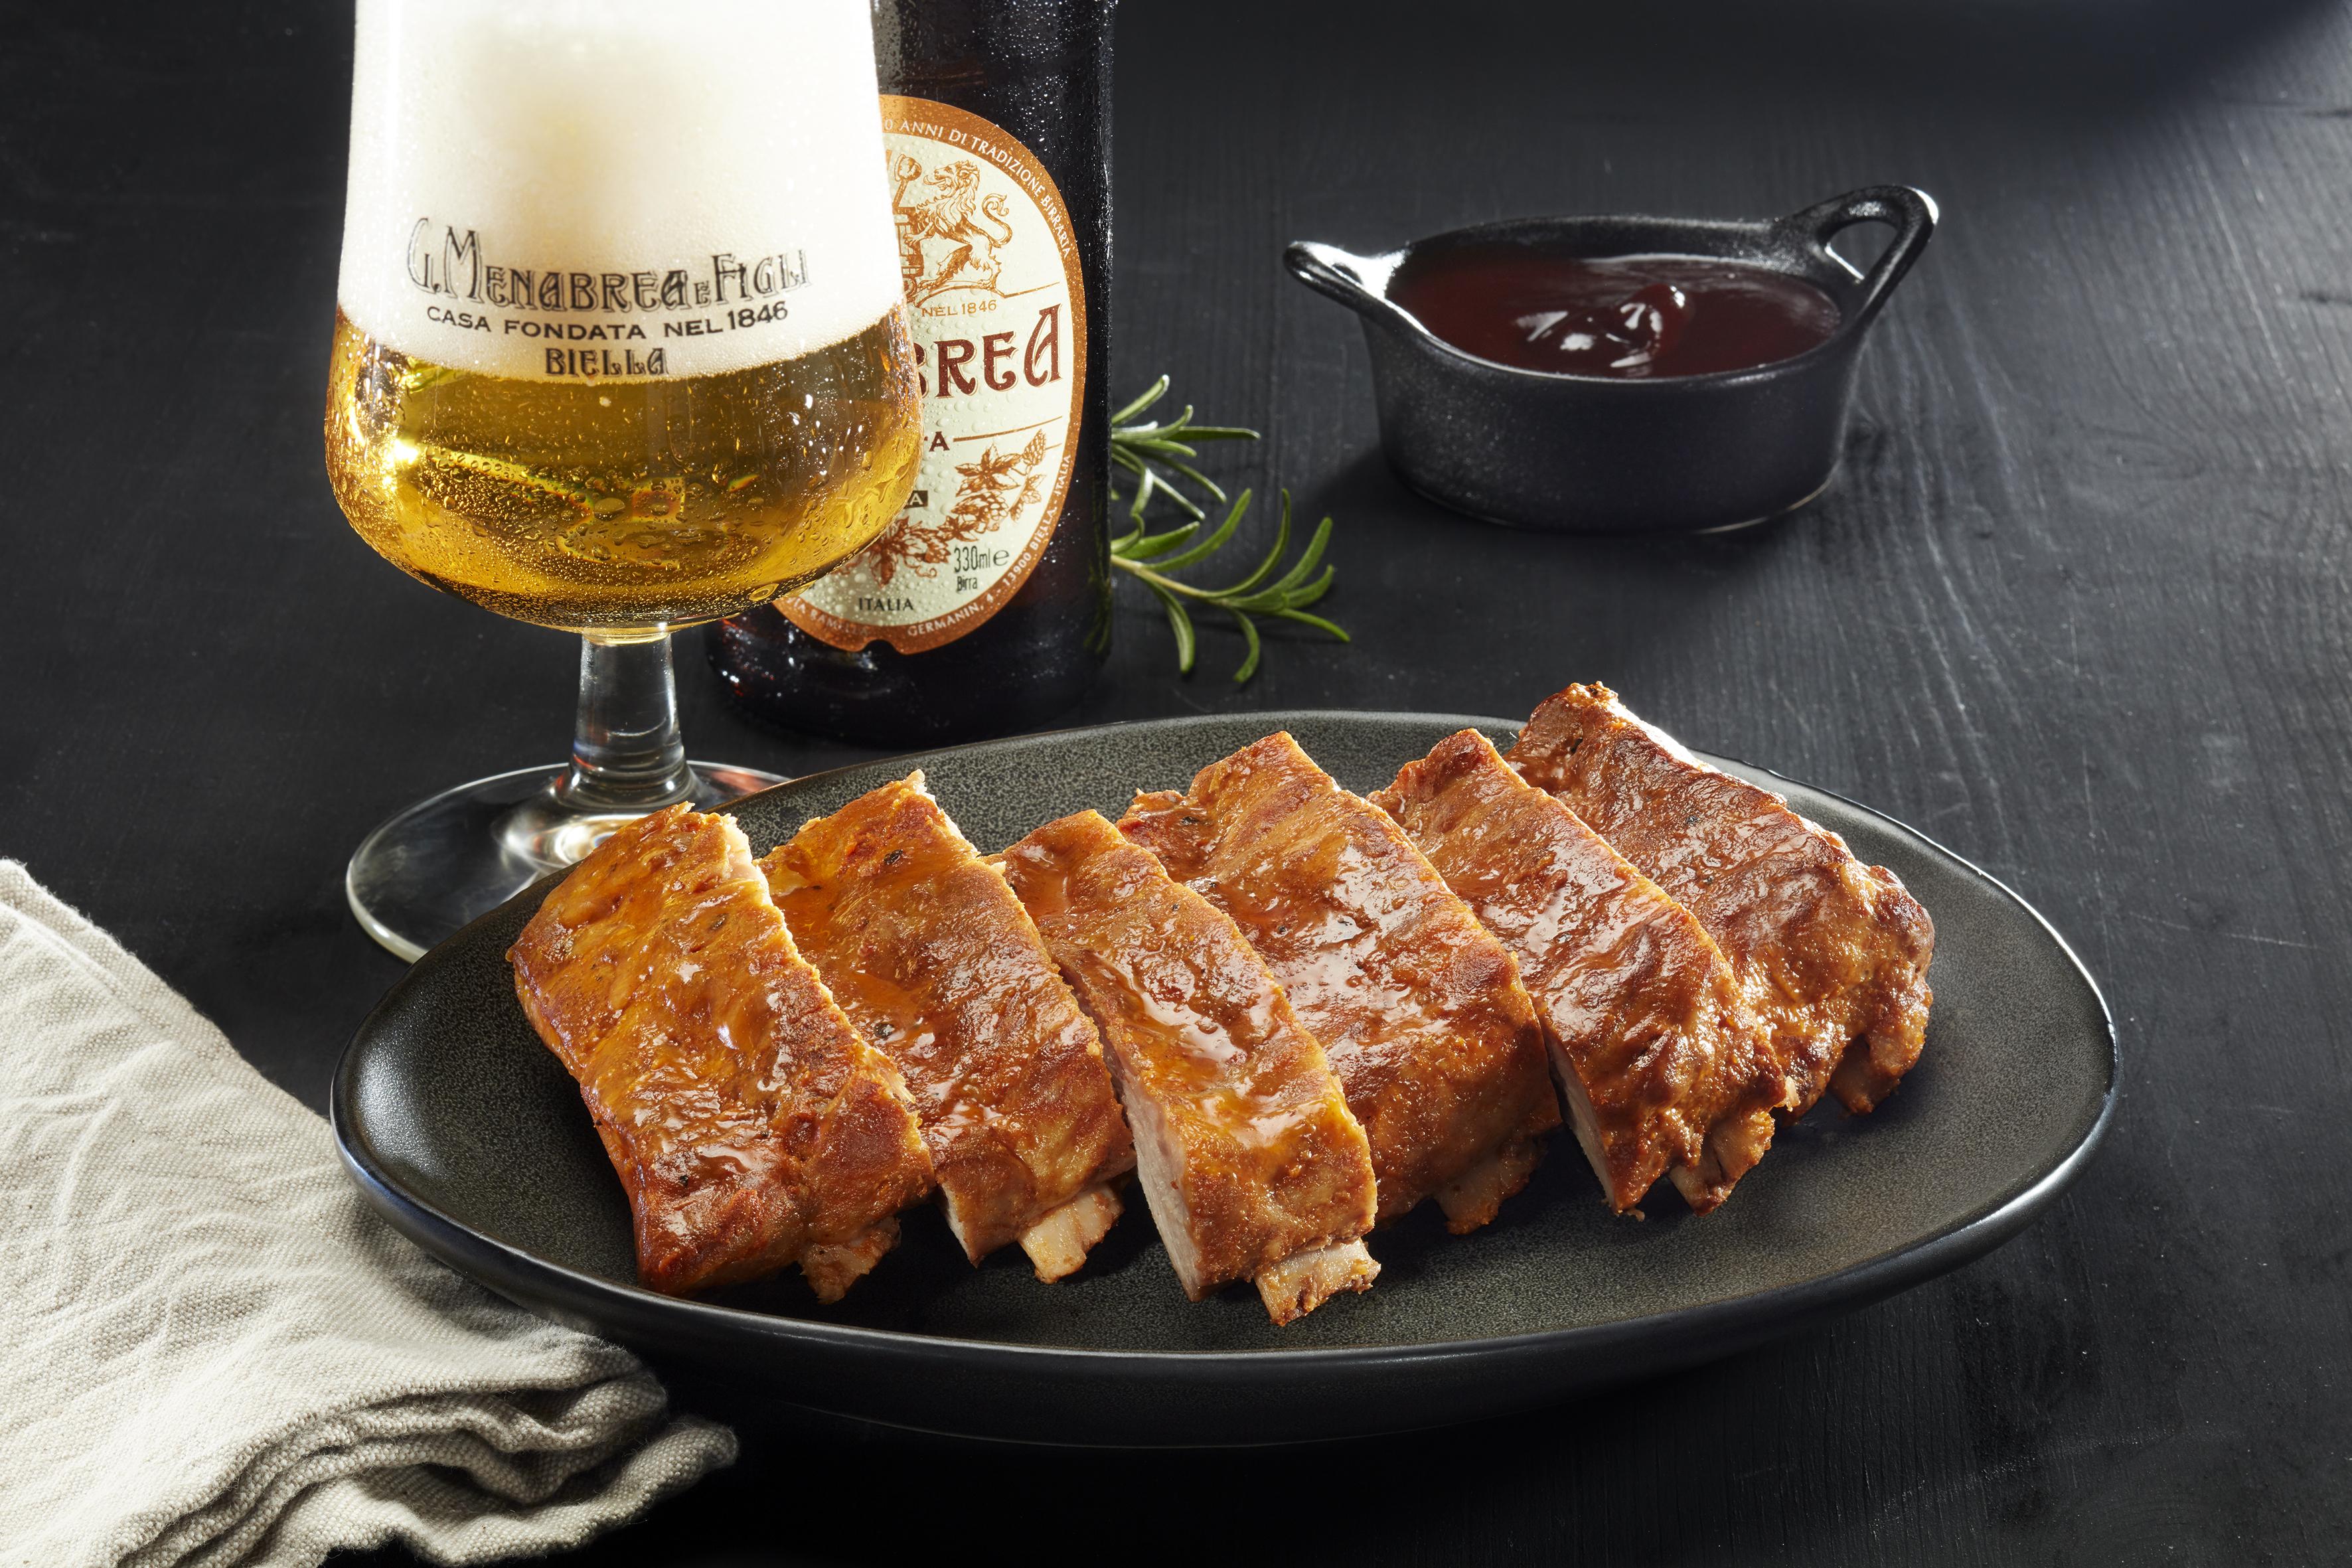 Costine di maiale original barbecue alla birra Menabrea